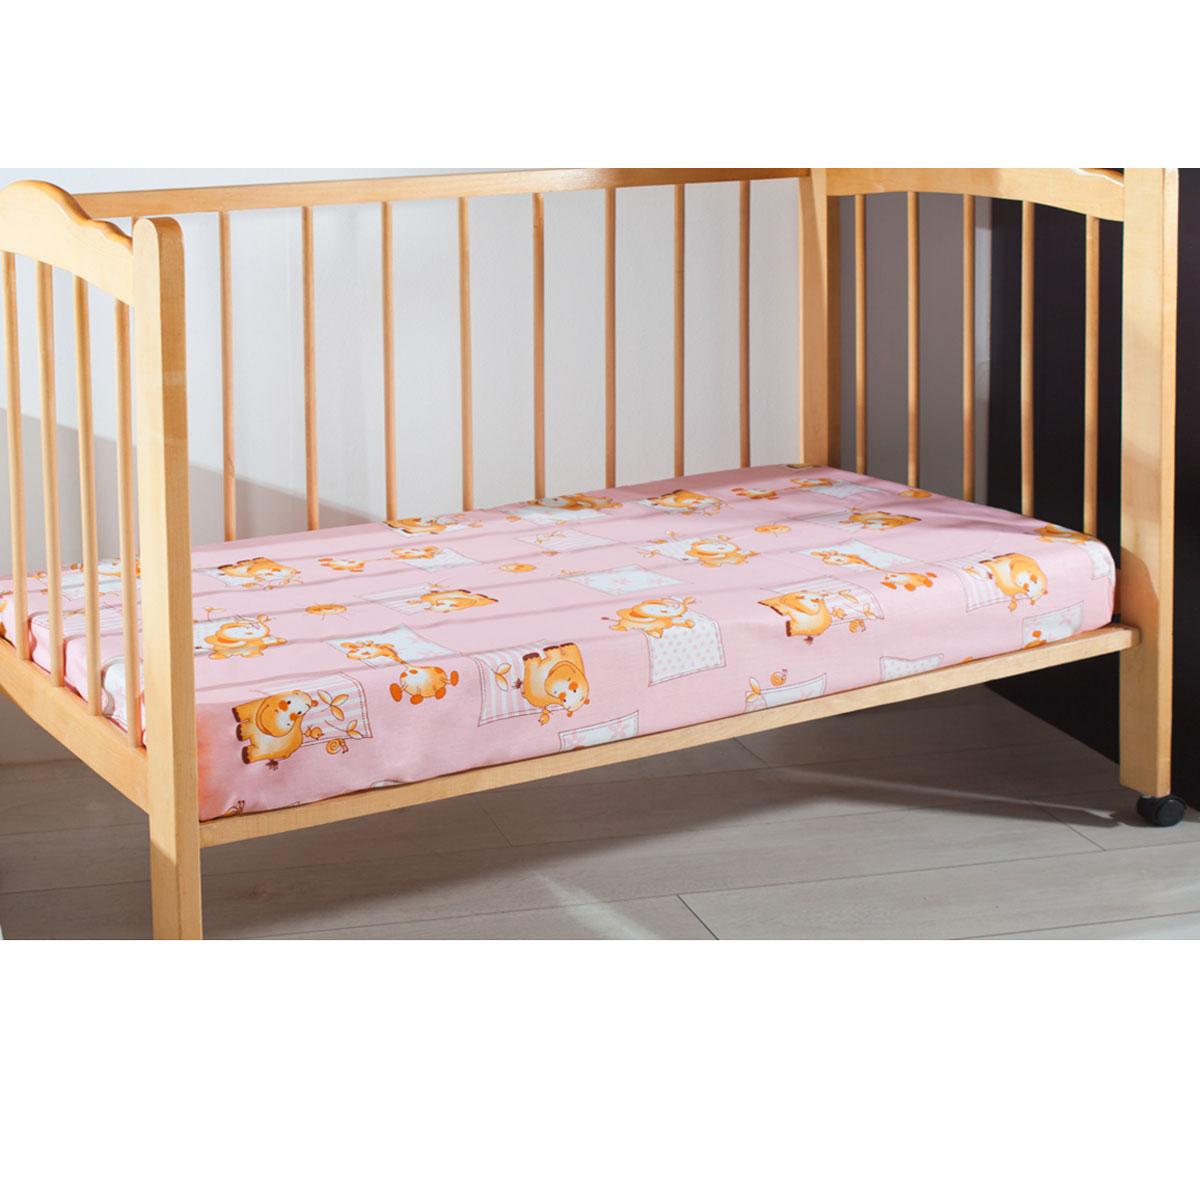 Простыня детская Primavelle, цвет: розовый, 120 см х 180 см11461210-26Мягкая простыня на резинке Primavelle идеально подойдет для кроватки вашего малыша и обеспечит ему здоровый сон. Она изготовлена из натурального 100% хлопка, дарящего малышу непревзойденную мягкость.Подарите вашему малышу комфорт и удобство!